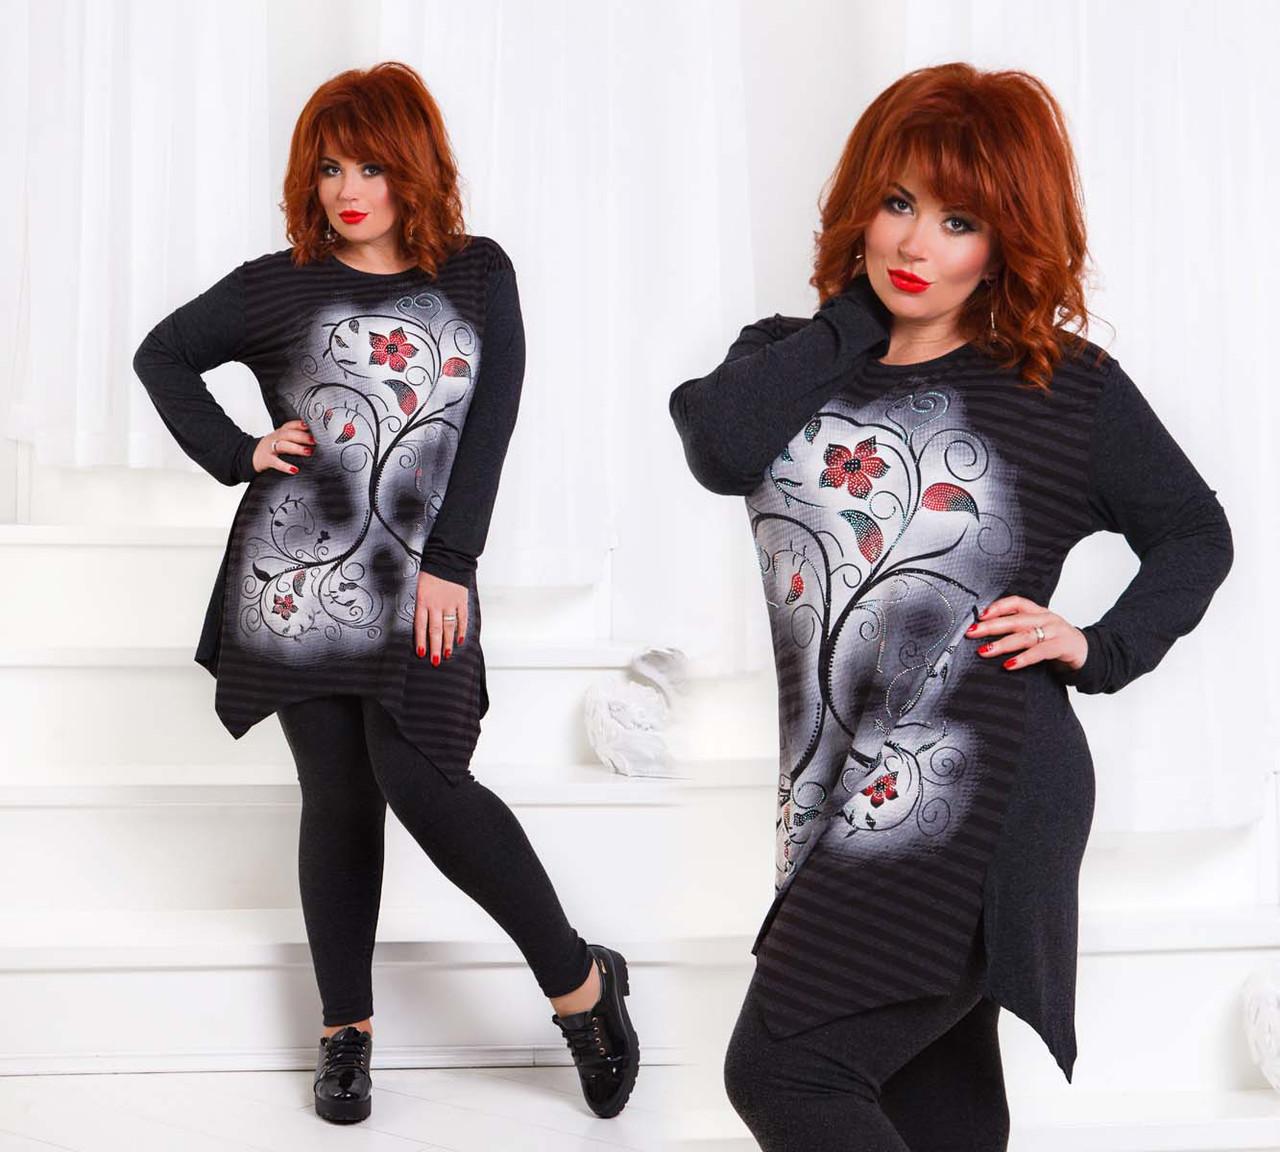 """Женский стильный комплект туника + лосины в больших размерах 8053-3 """"Трикотаж Углы Полосы Цветы"""""""